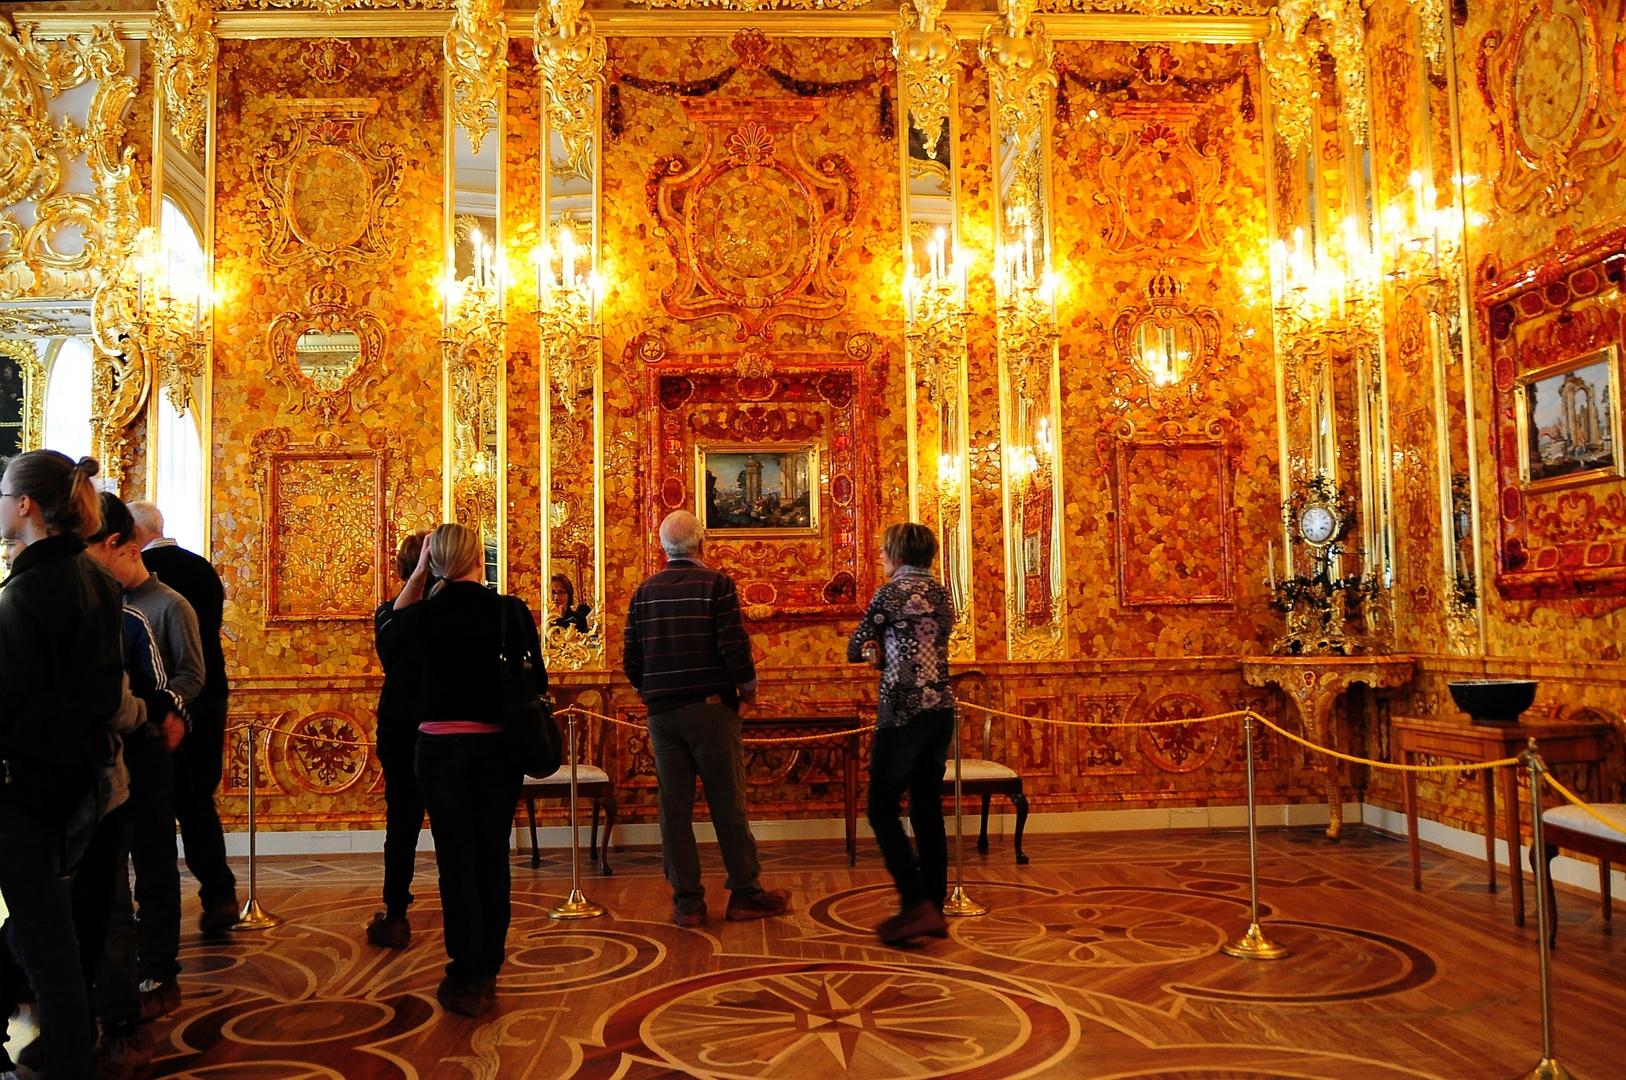 St. Petersburg (10) - Katharinen-Palast, Puschkin